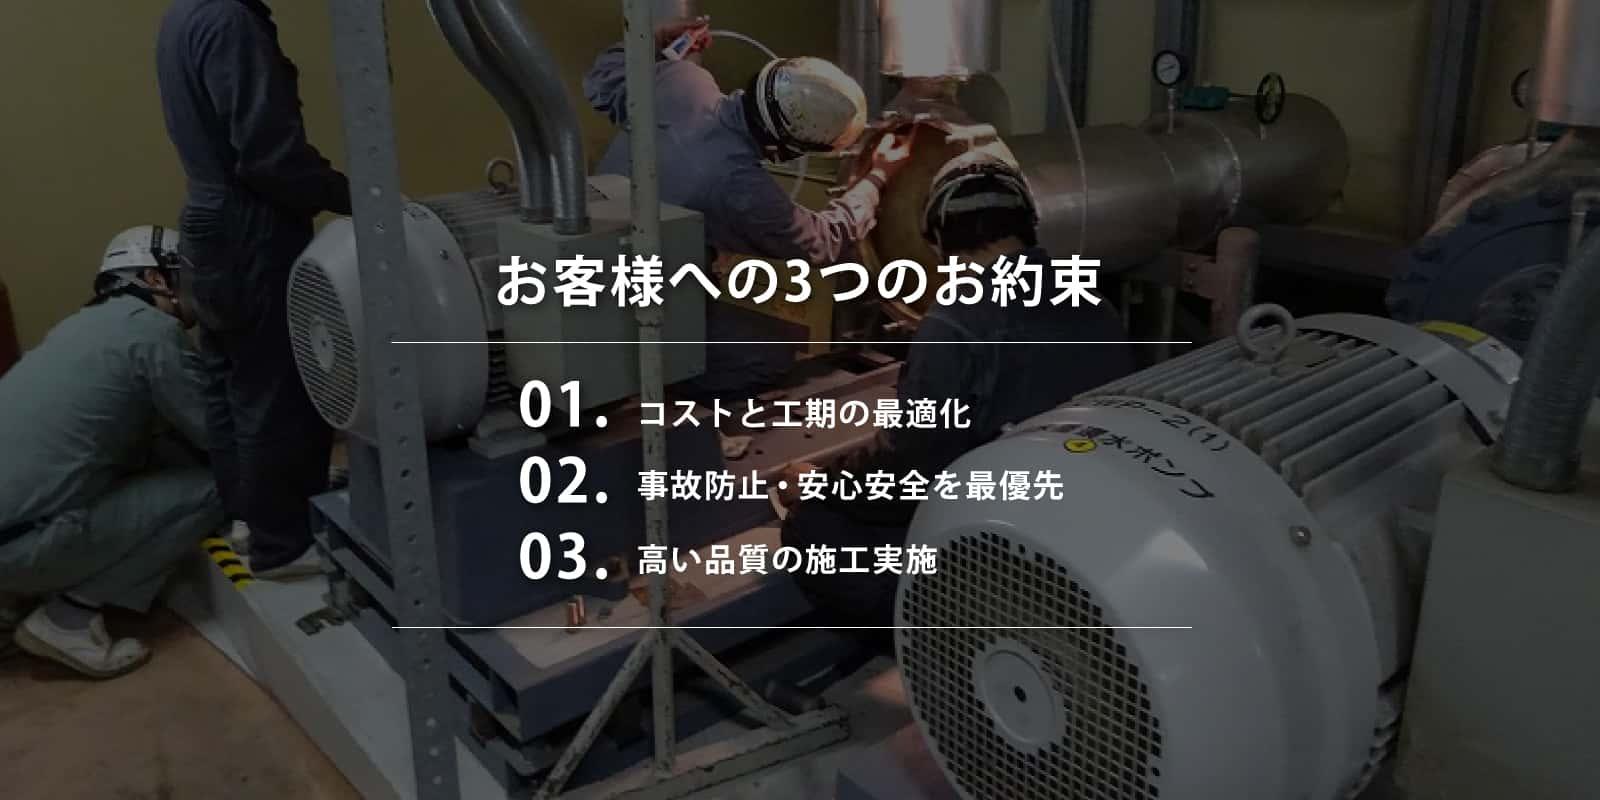 お客様への3つの約束 1.コストと工期の最適化 2.事故防止・安心安全を最優先 3.高い品質の施工実績